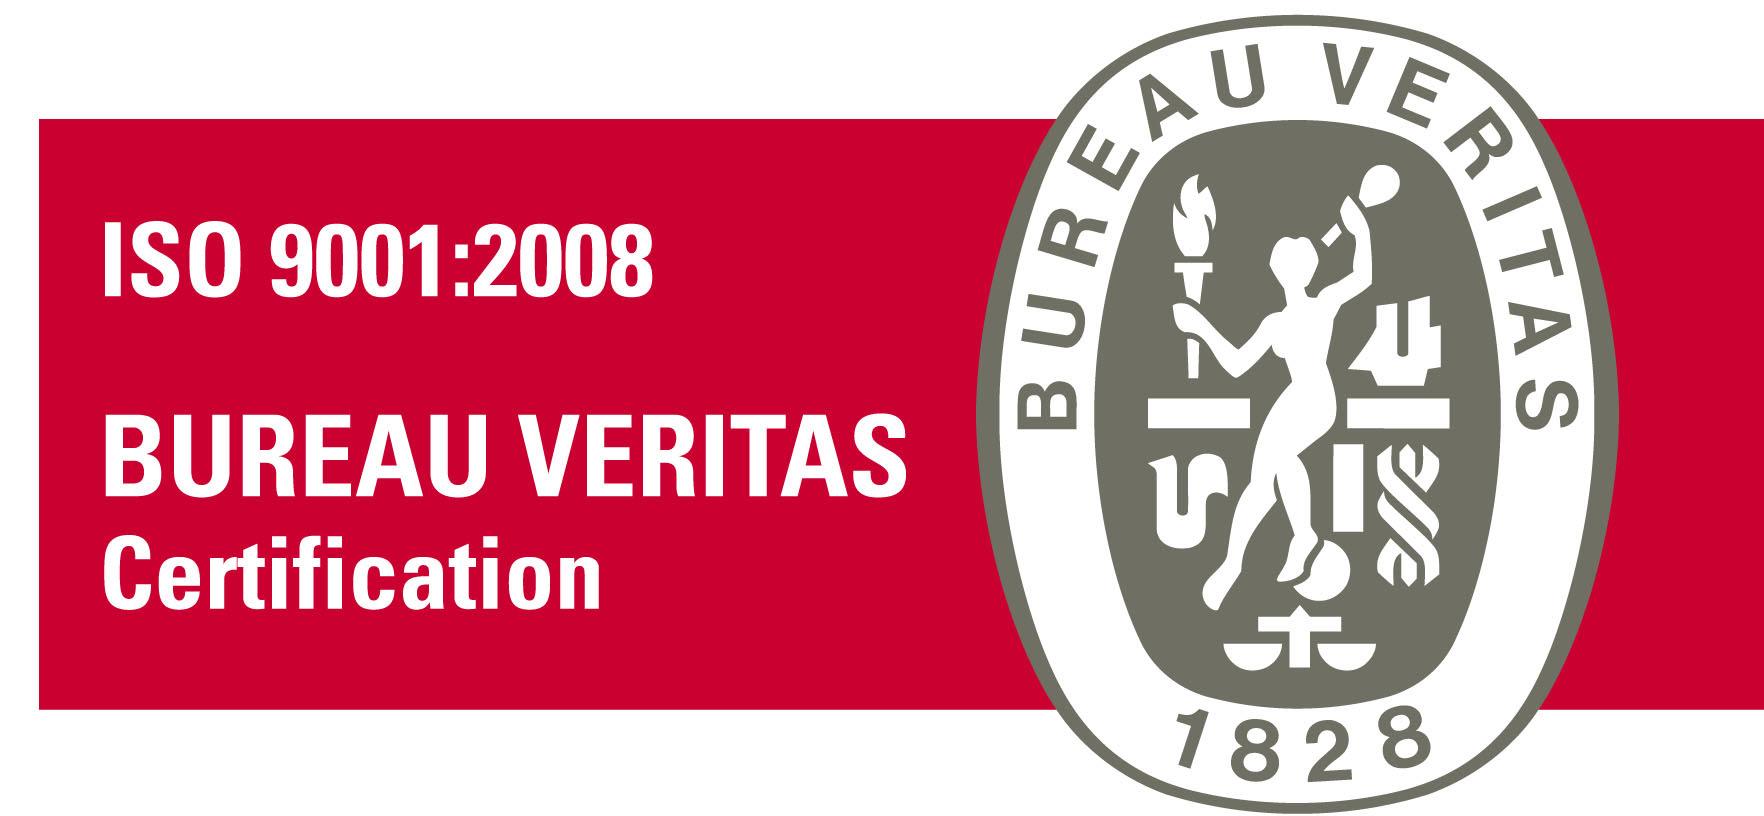 Certificação - ISO 9001